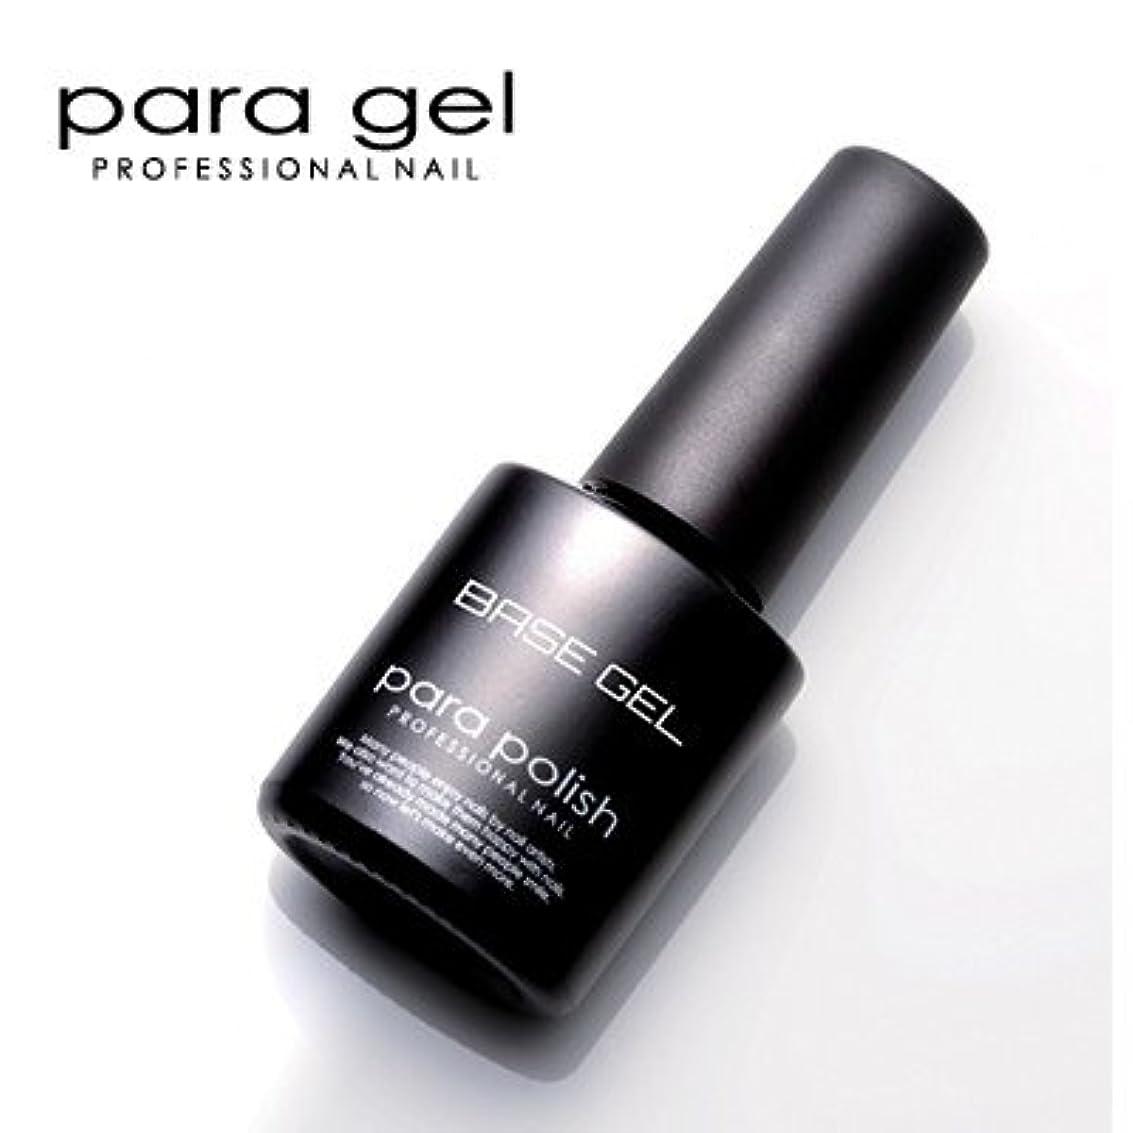 短命囲むオートマトンパラジェル para polish(パラポリッシュ) ベースジェル 7g